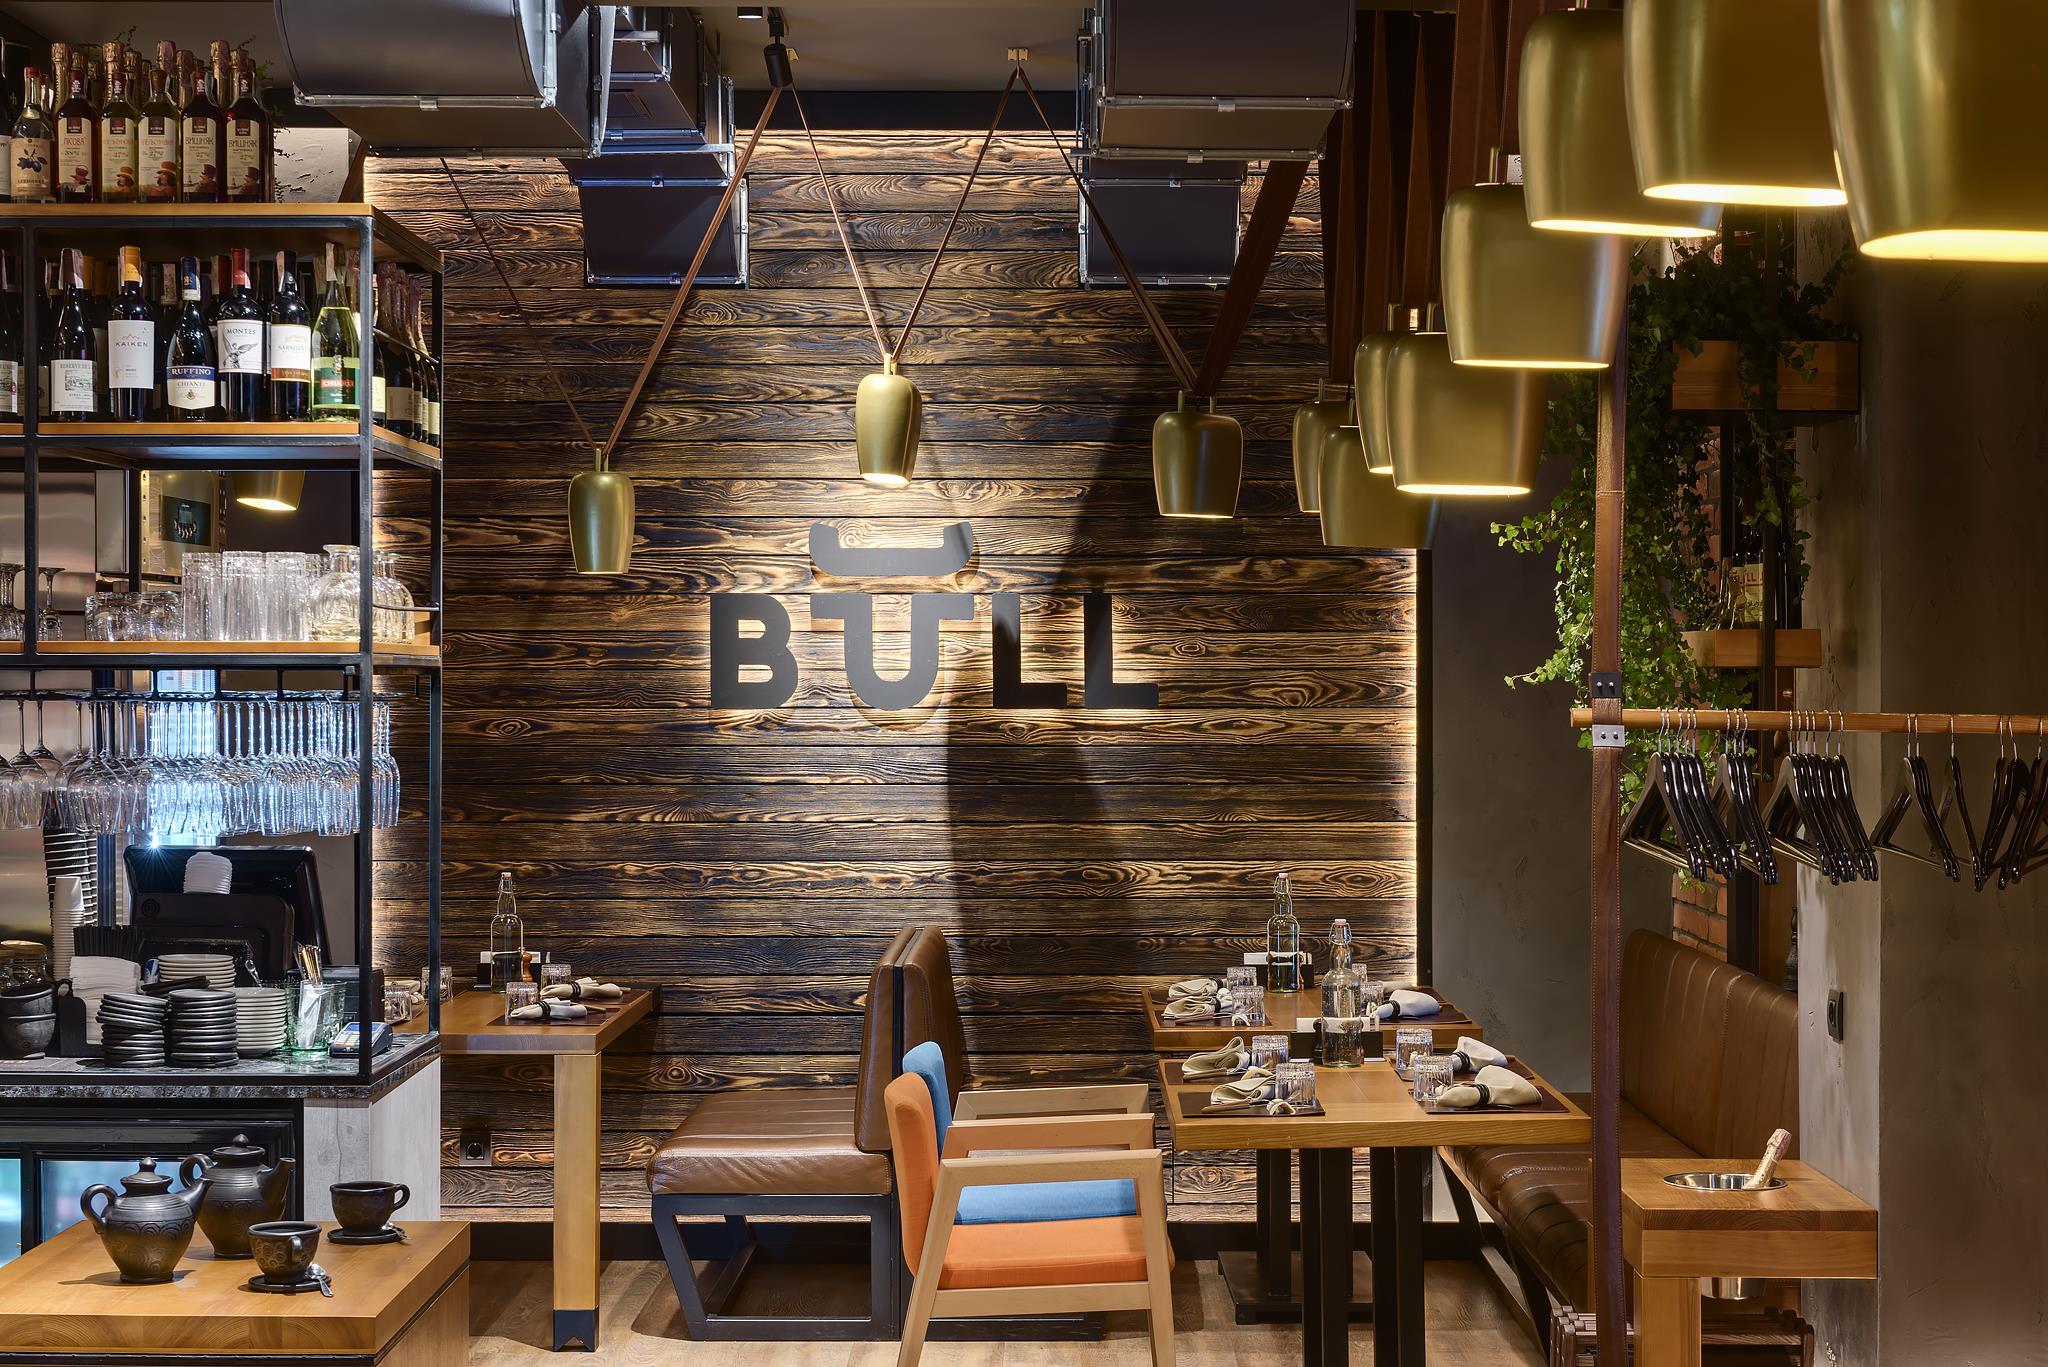 BULL_022